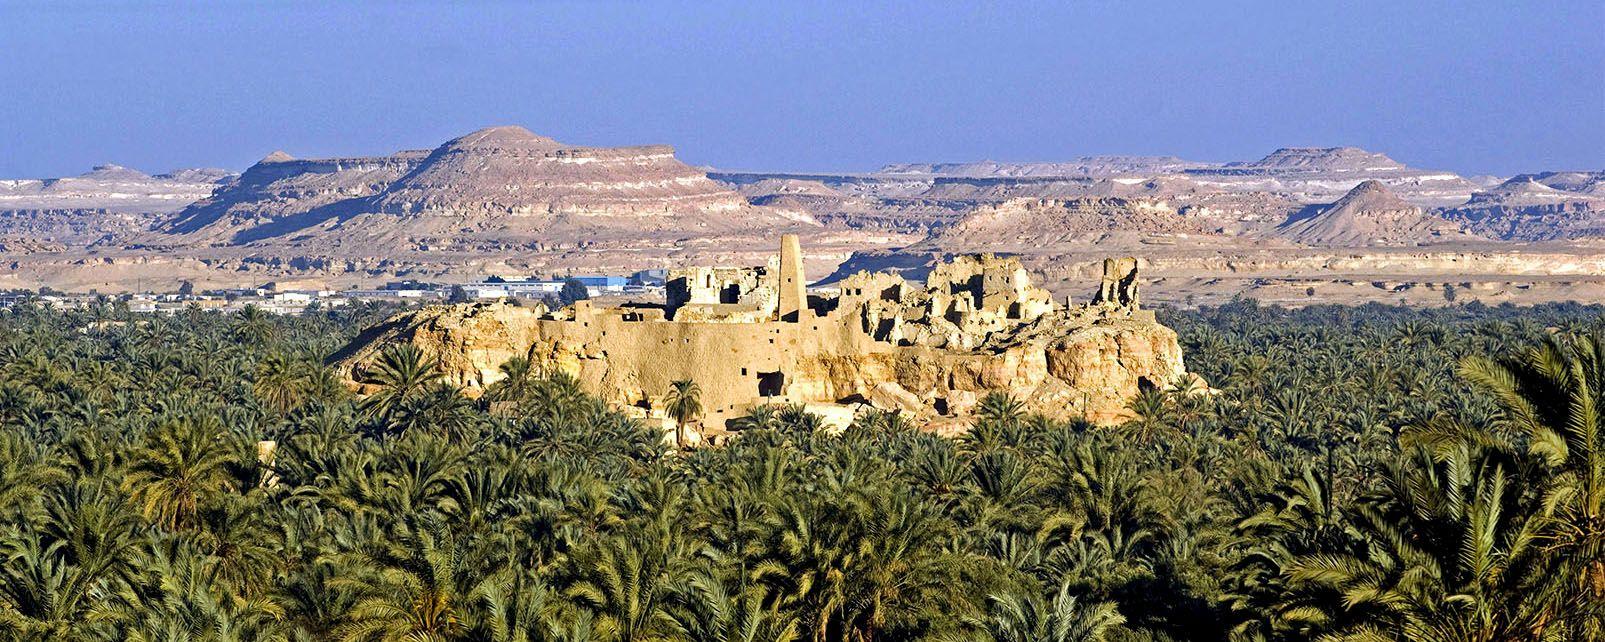 L'oasis de Siwa, Les sites, Alexandrie, Egypte